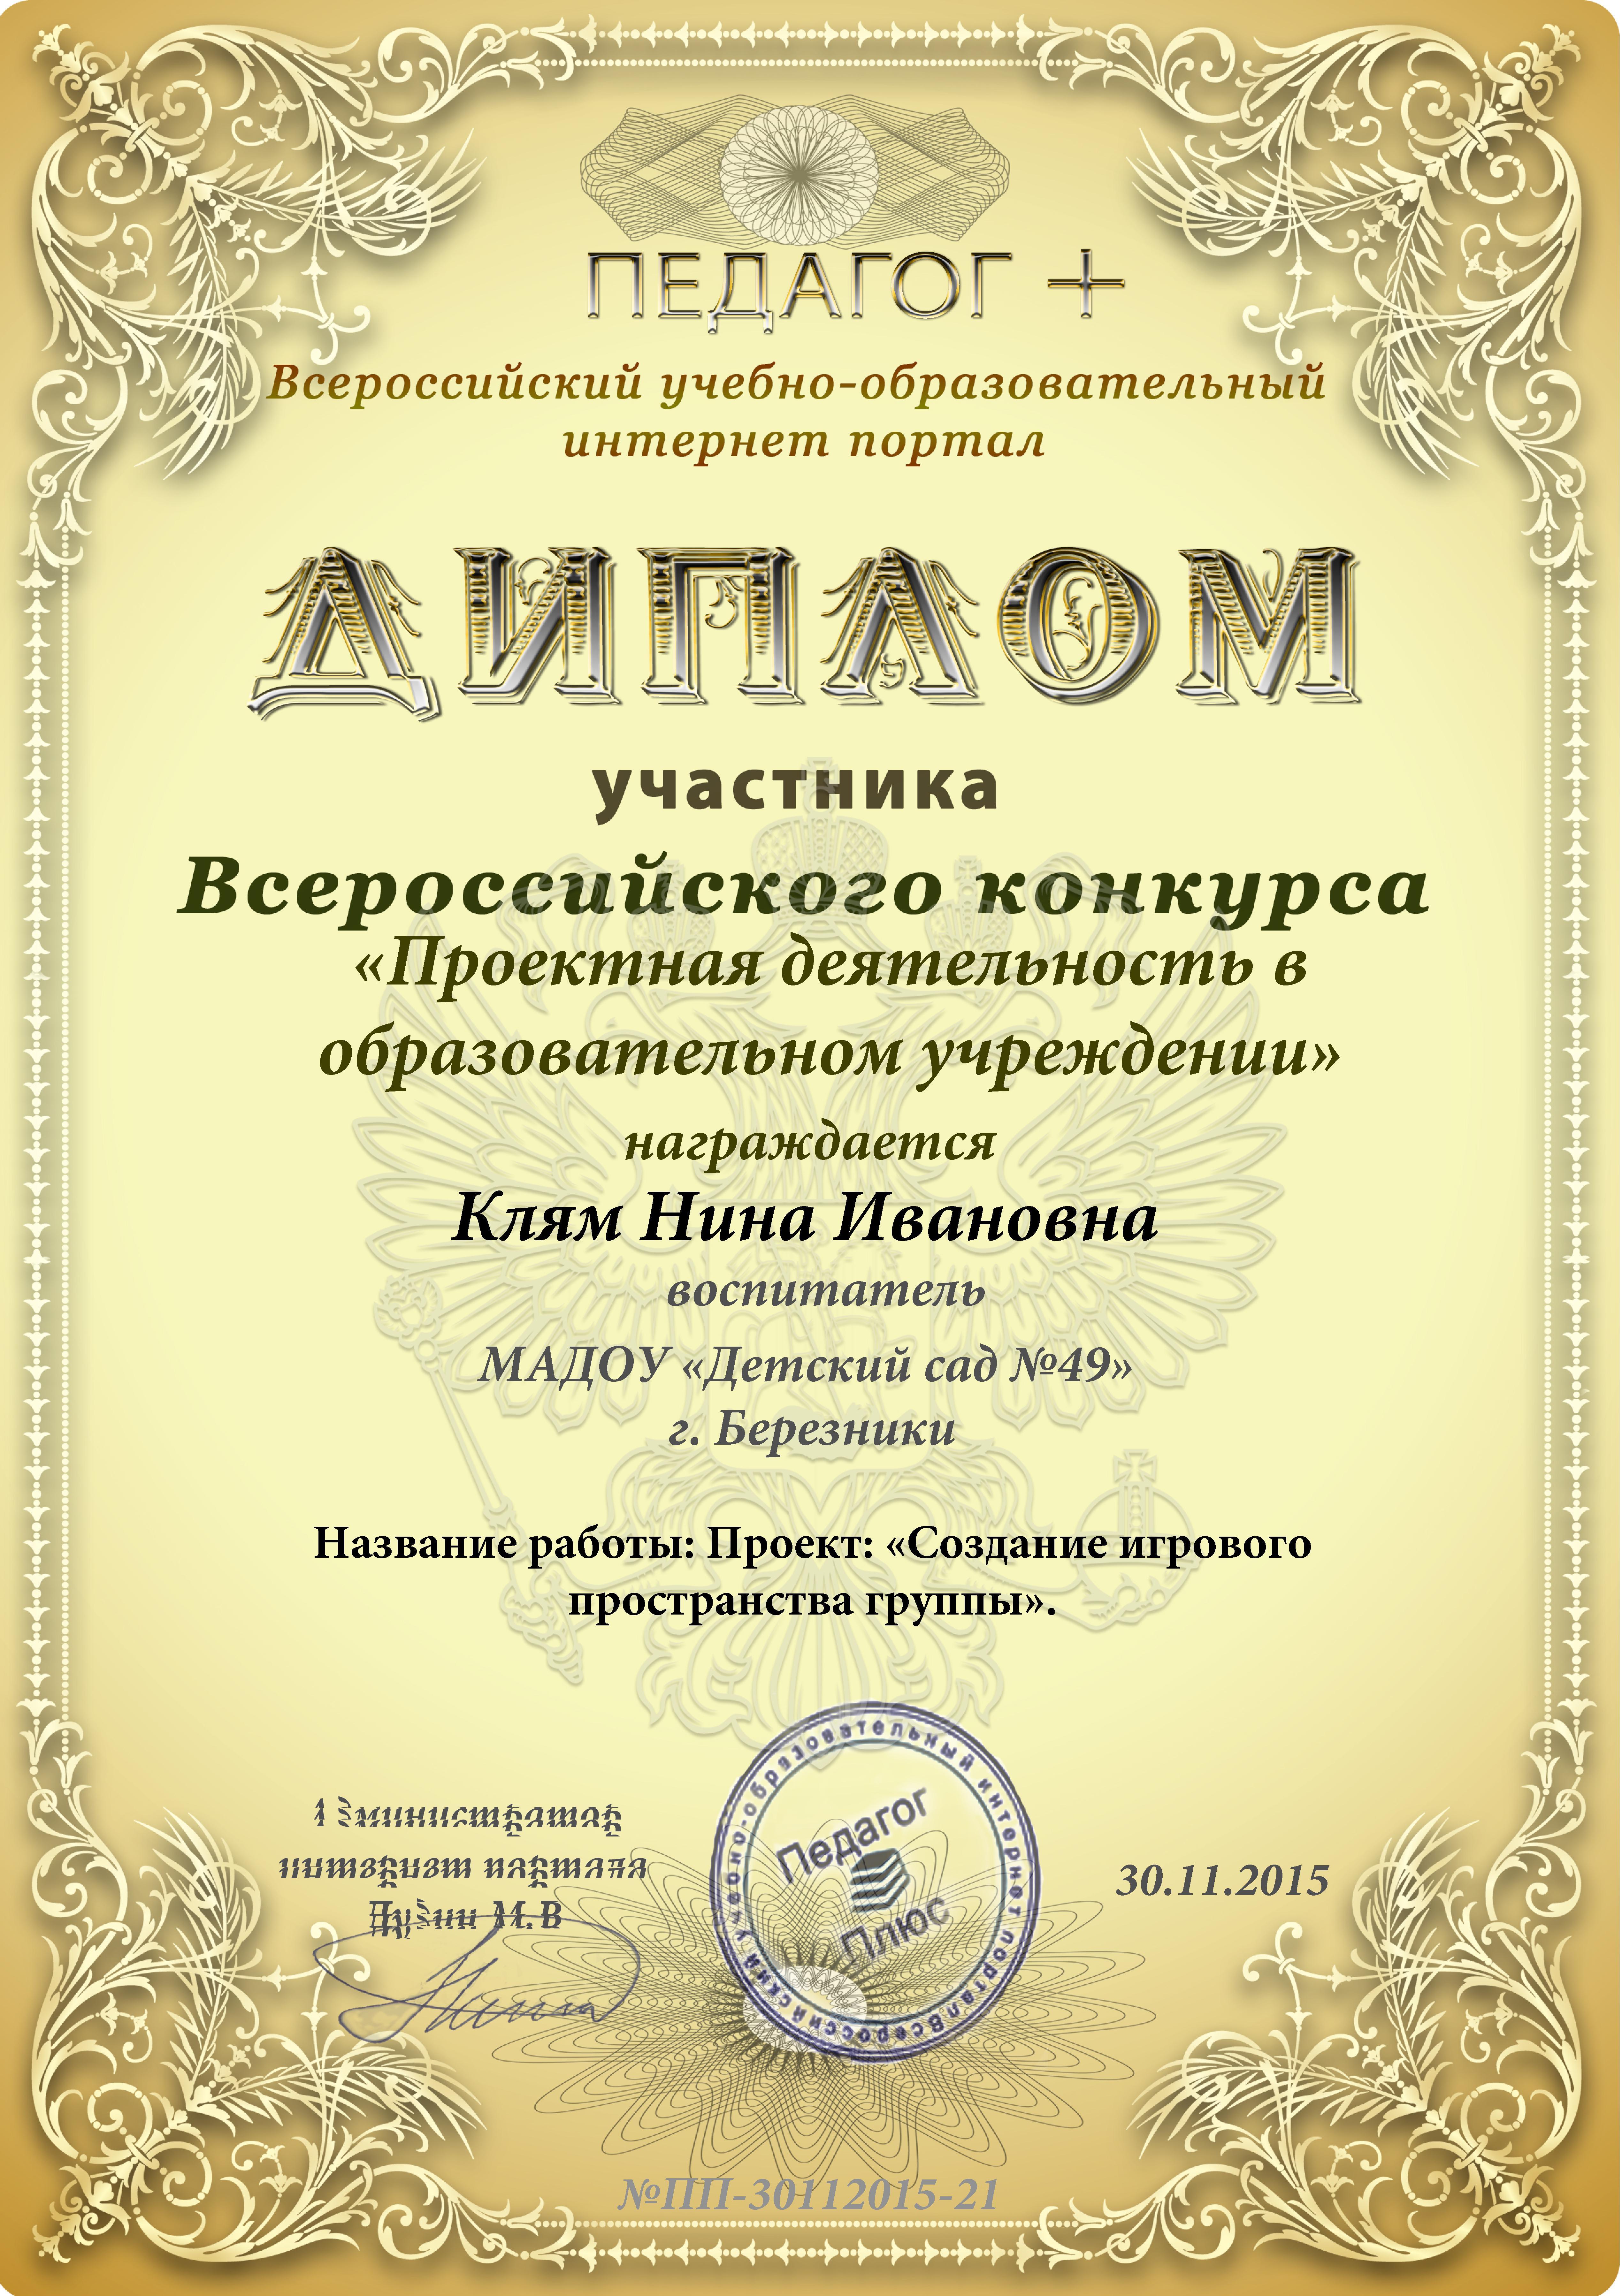 ПЕДАГОГИЧЕСКАЯ КОПИЛКА Казакова Татьяна Викторовна диплом 1 место